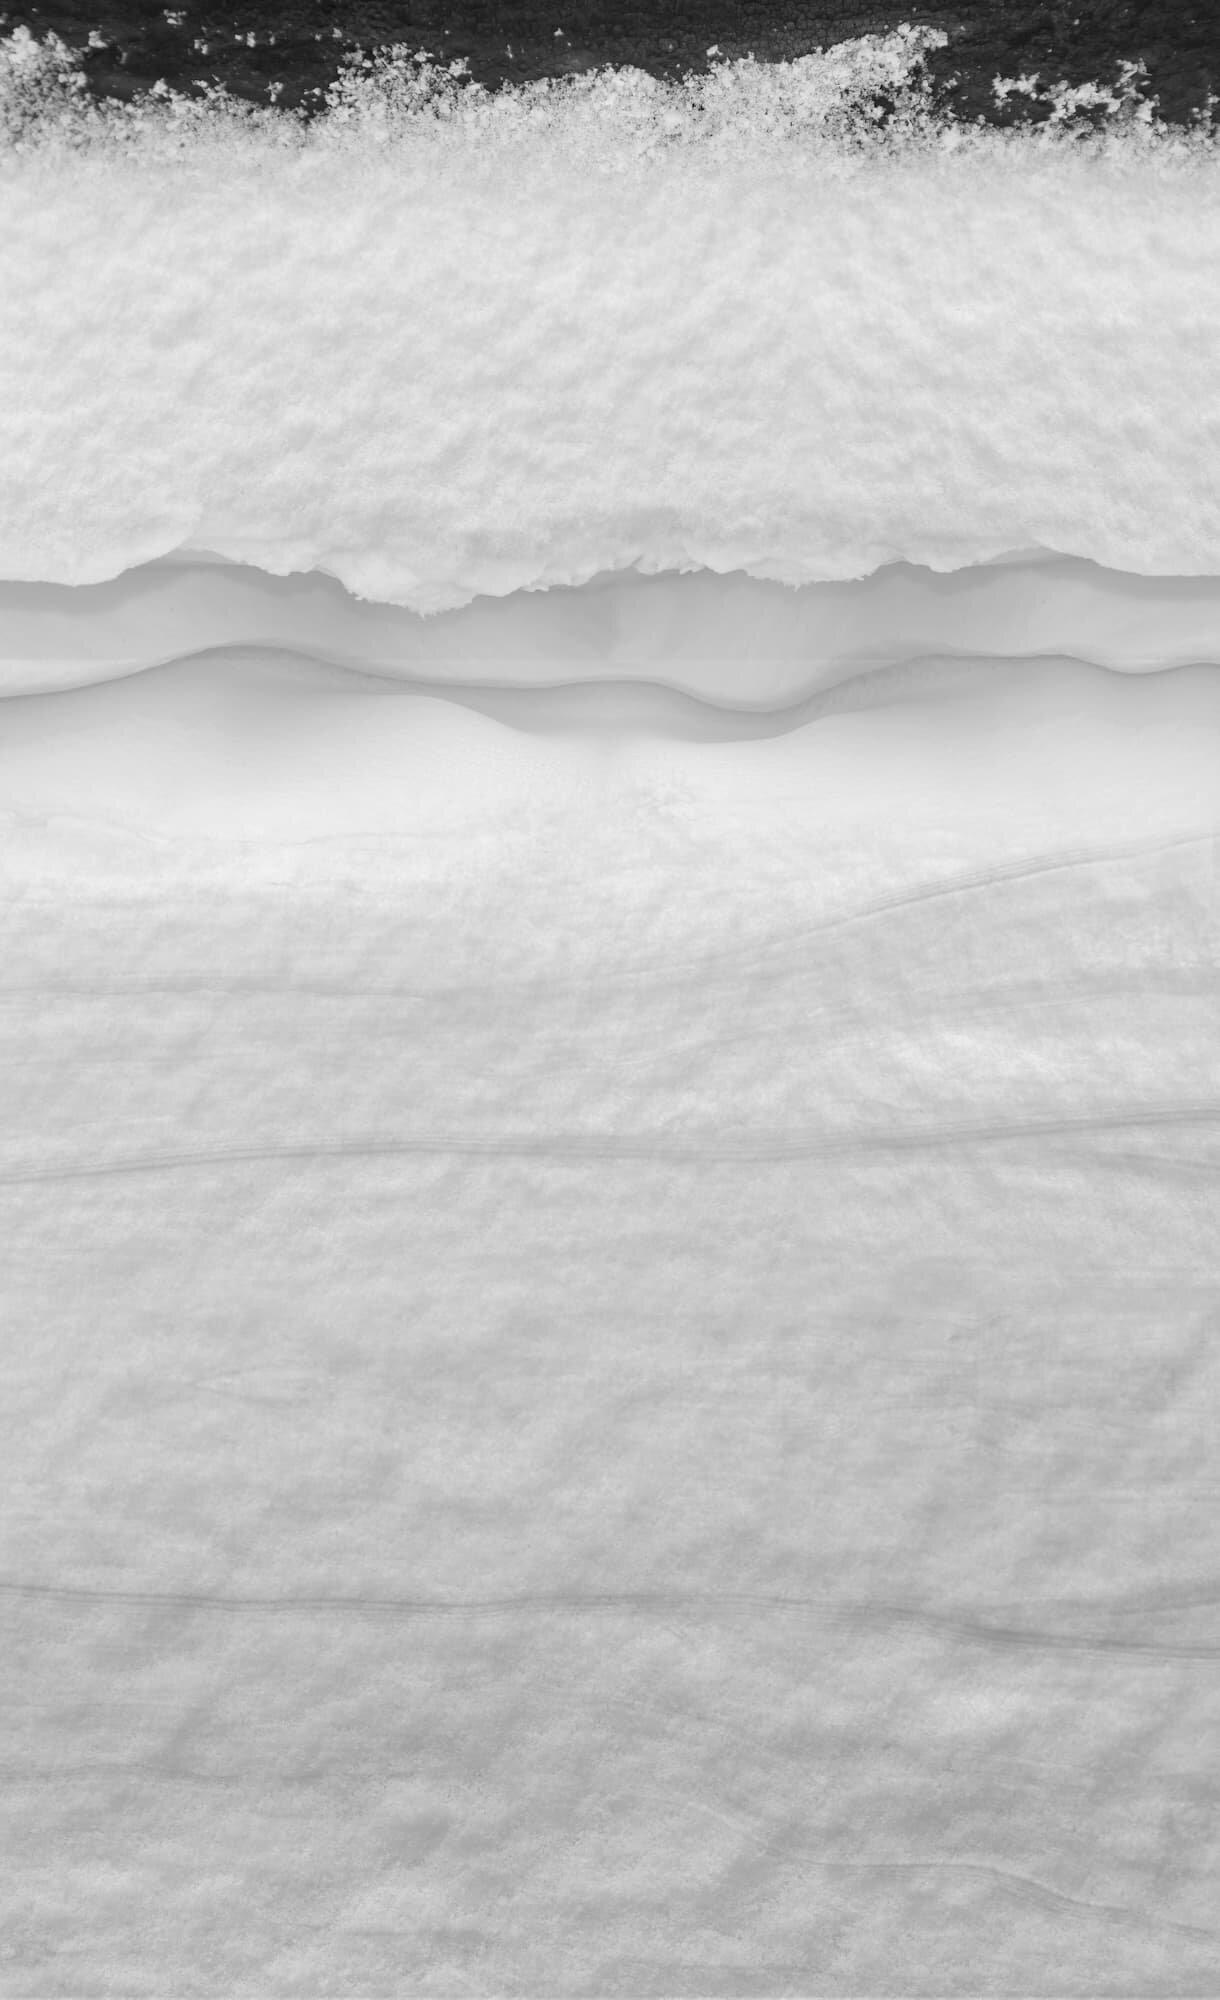 Pannello 8706 × 14270 pixel